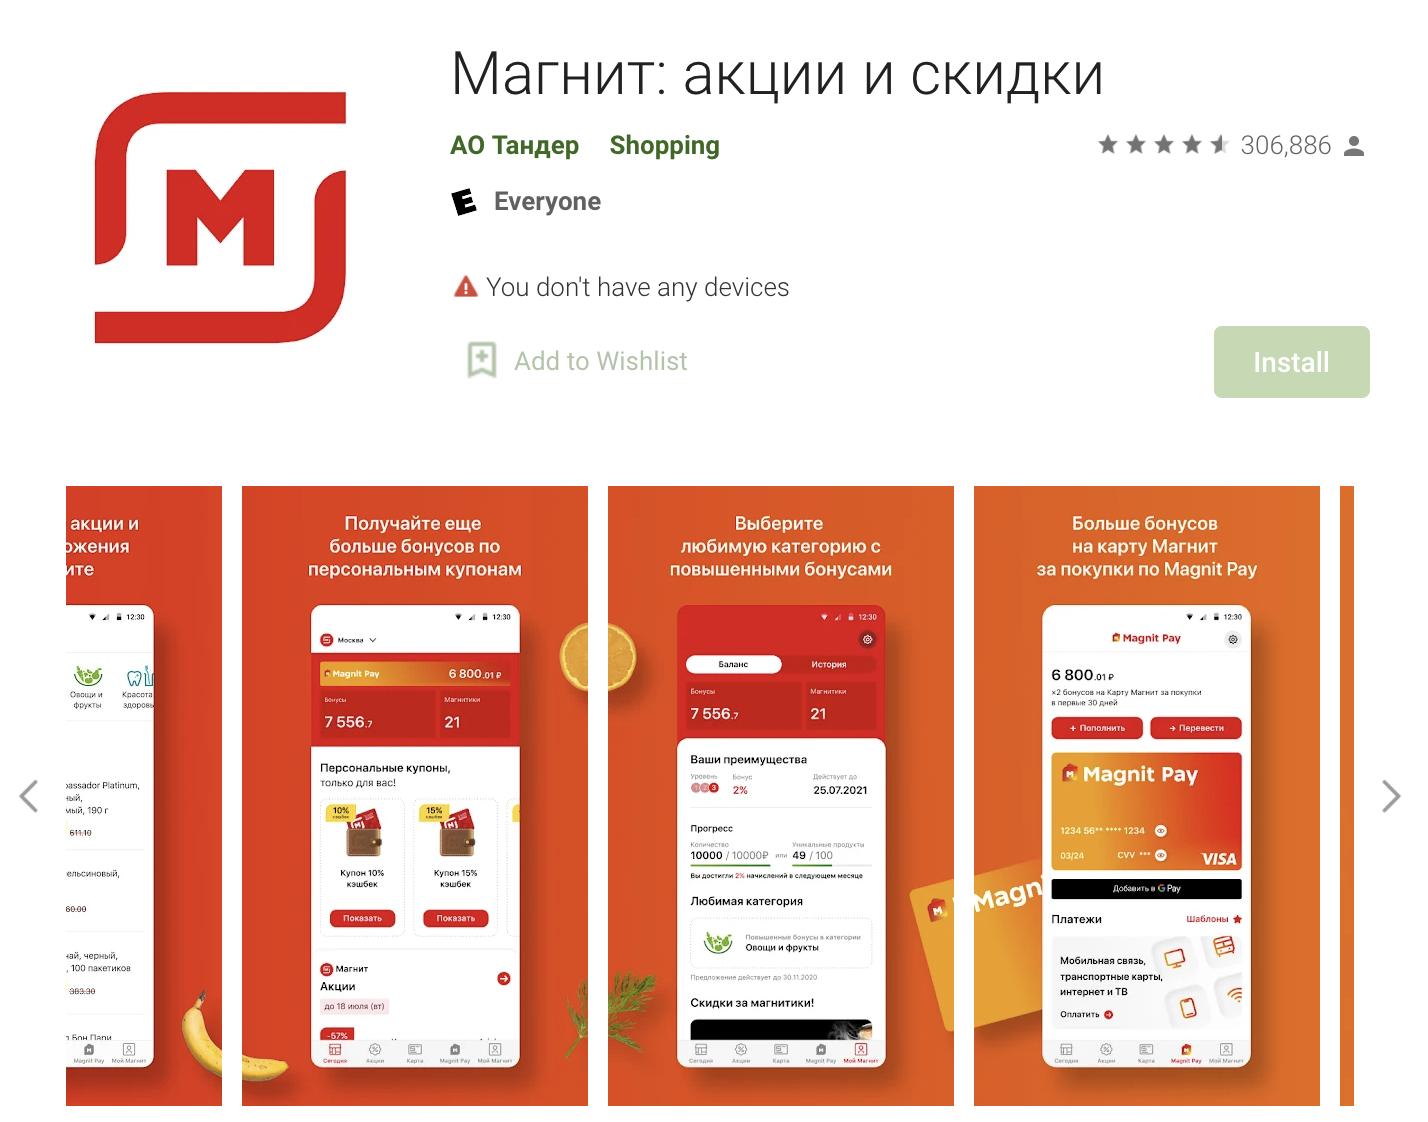 Как скачать мобильное приложение Магнит для android ios